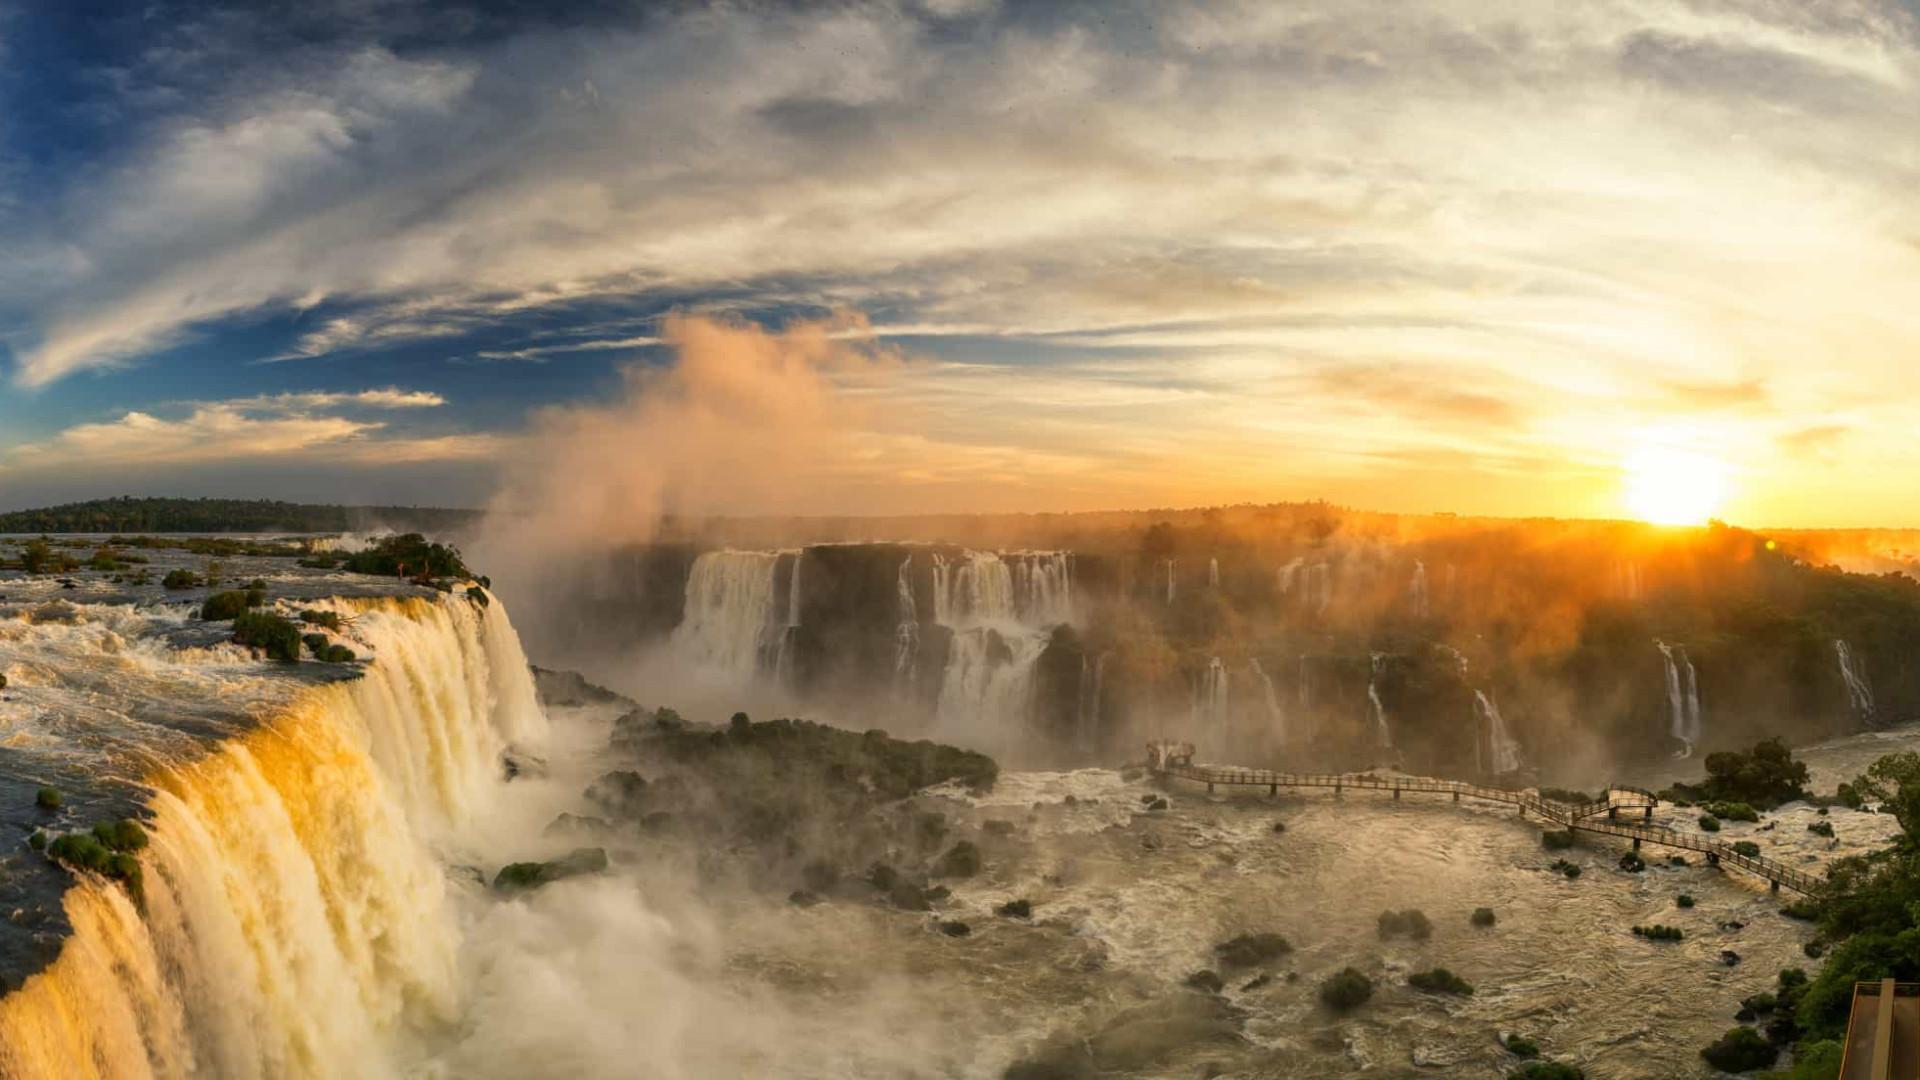 Faturamento do setor de turismo no Brasil tem redução de 33,6% em 2020